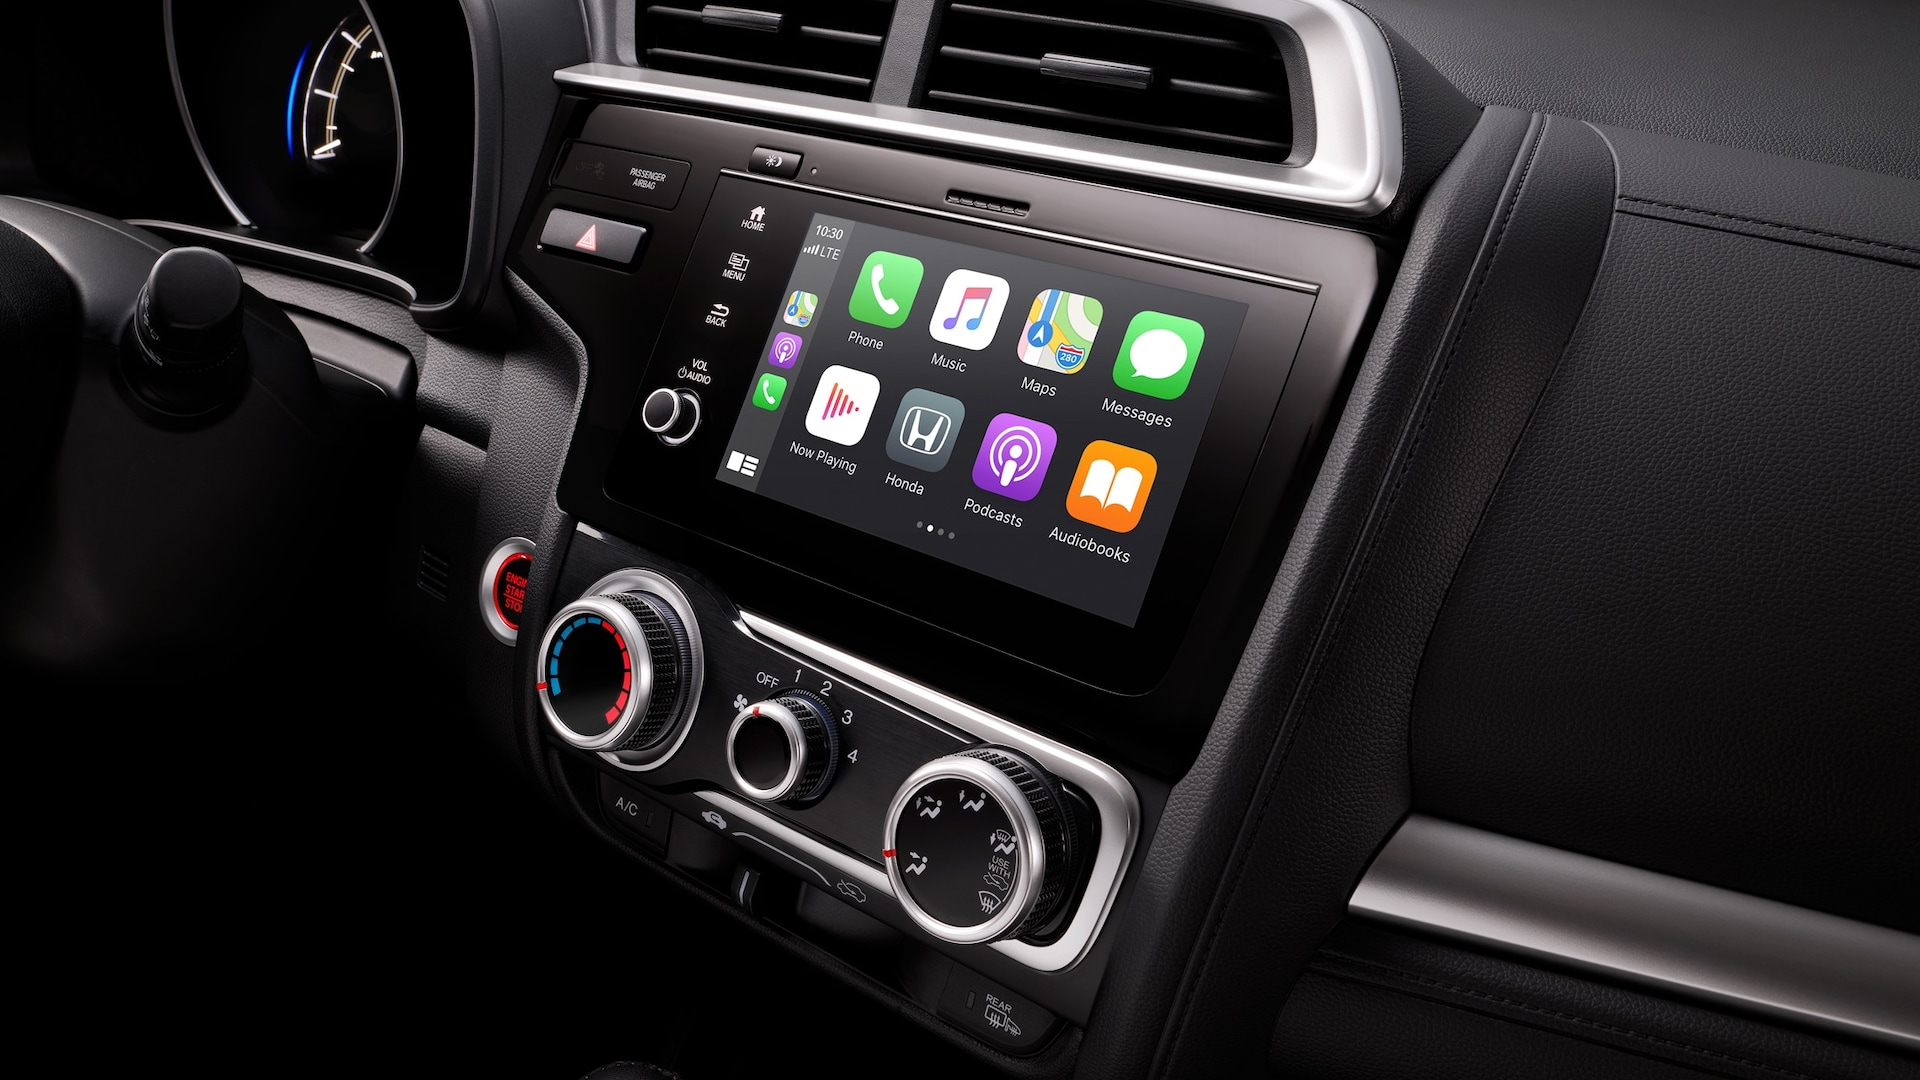 Detalle del sistema de audio en pantalla táctil con Apple CarPlay™ en el Honda Fit2020.